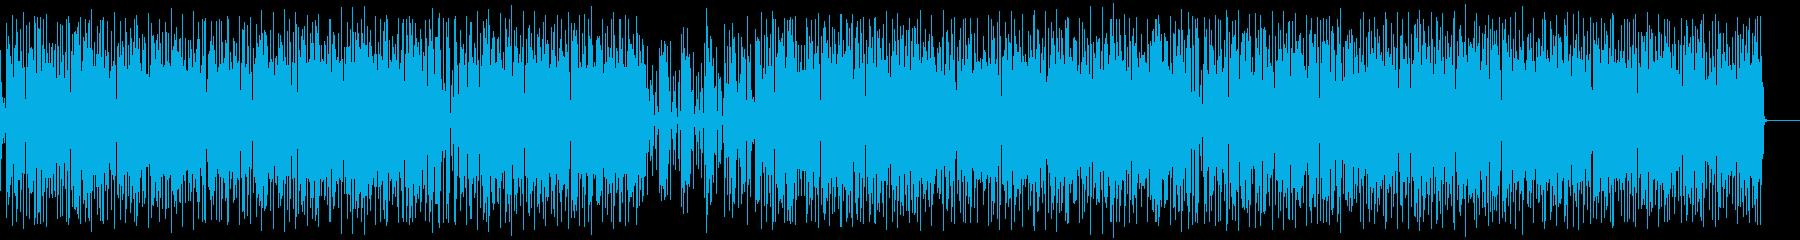 ほのぼの生アコギ&Eギターのポップスの再生済みの波形